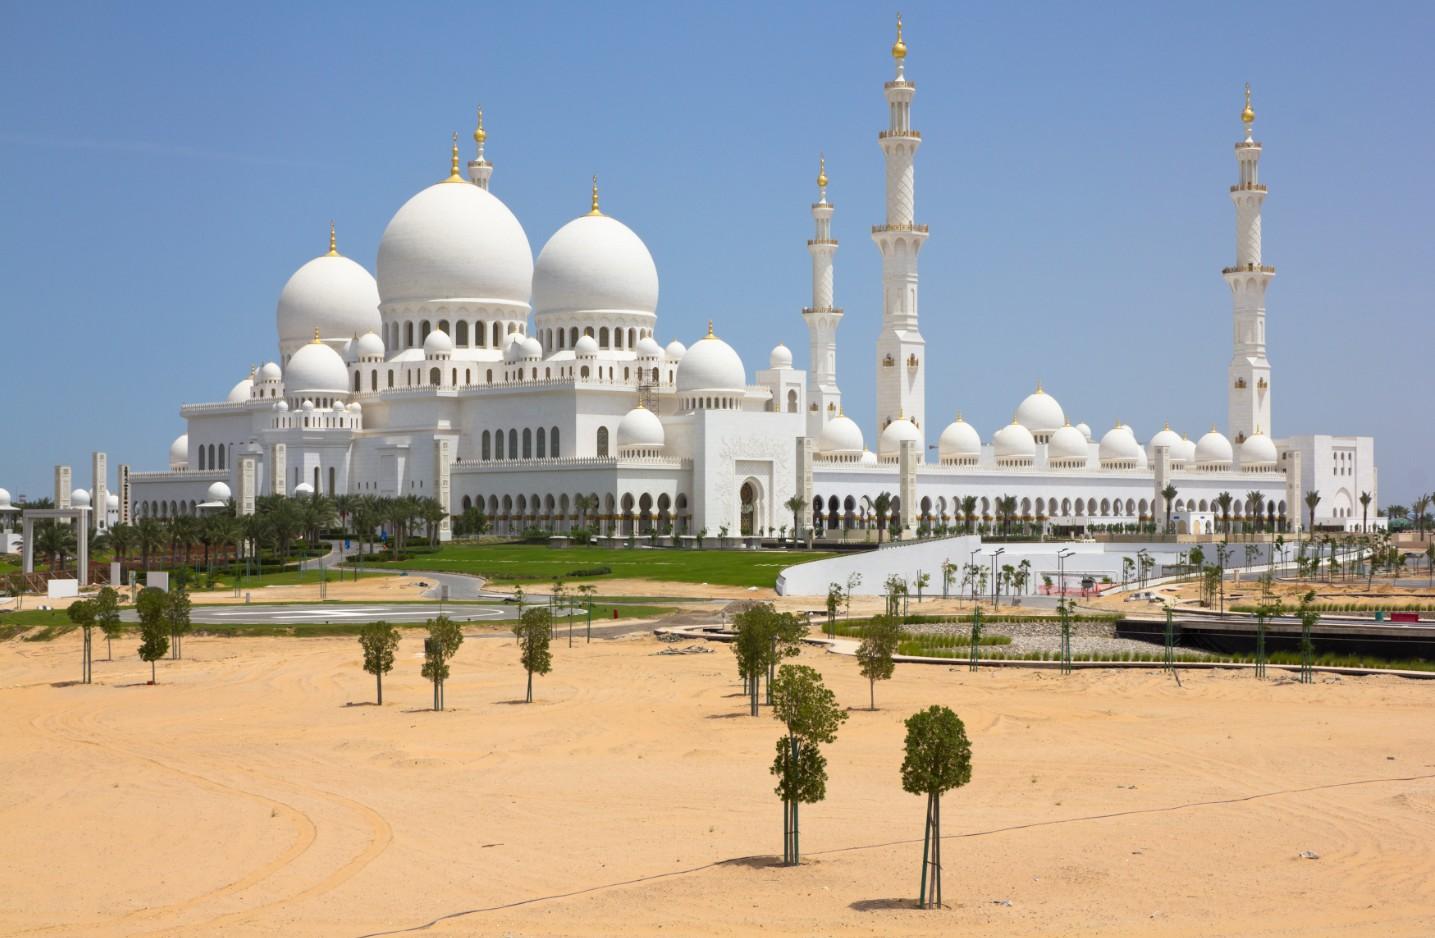 La Mosquée d'Abou Dabi